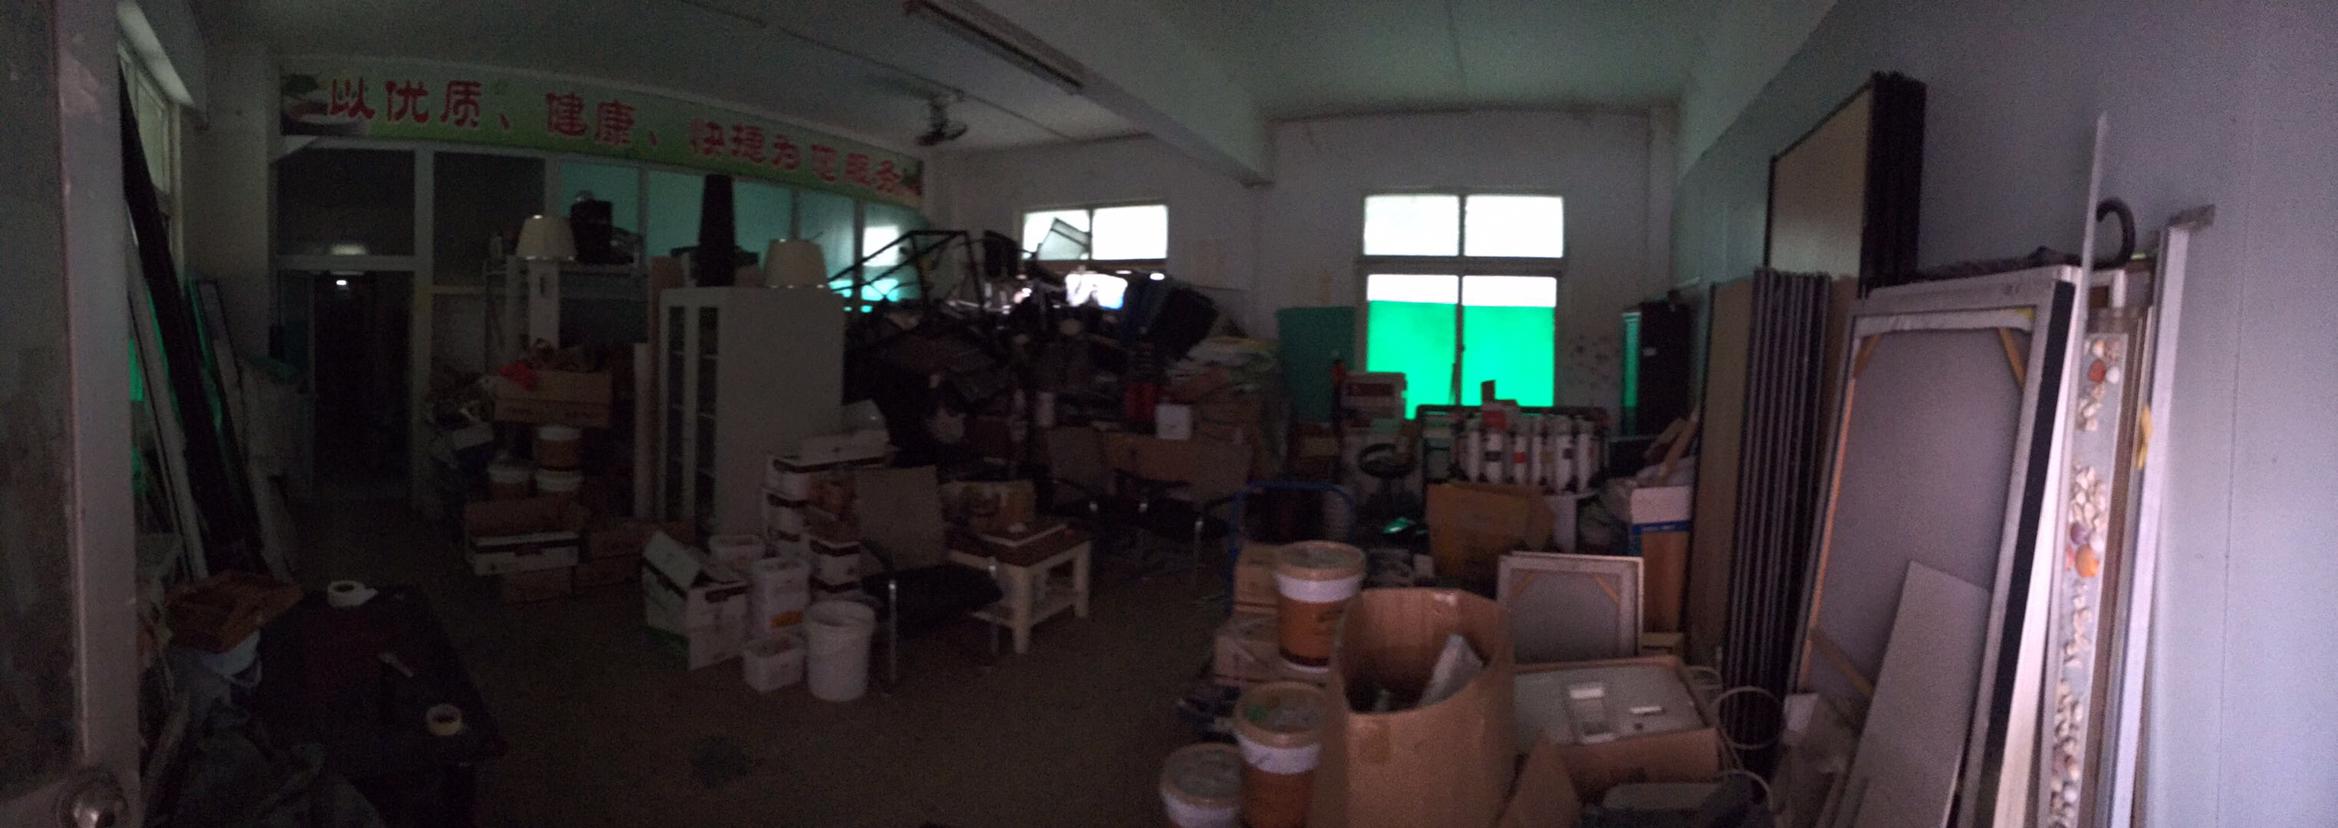 固戍三围路口一楼仓库